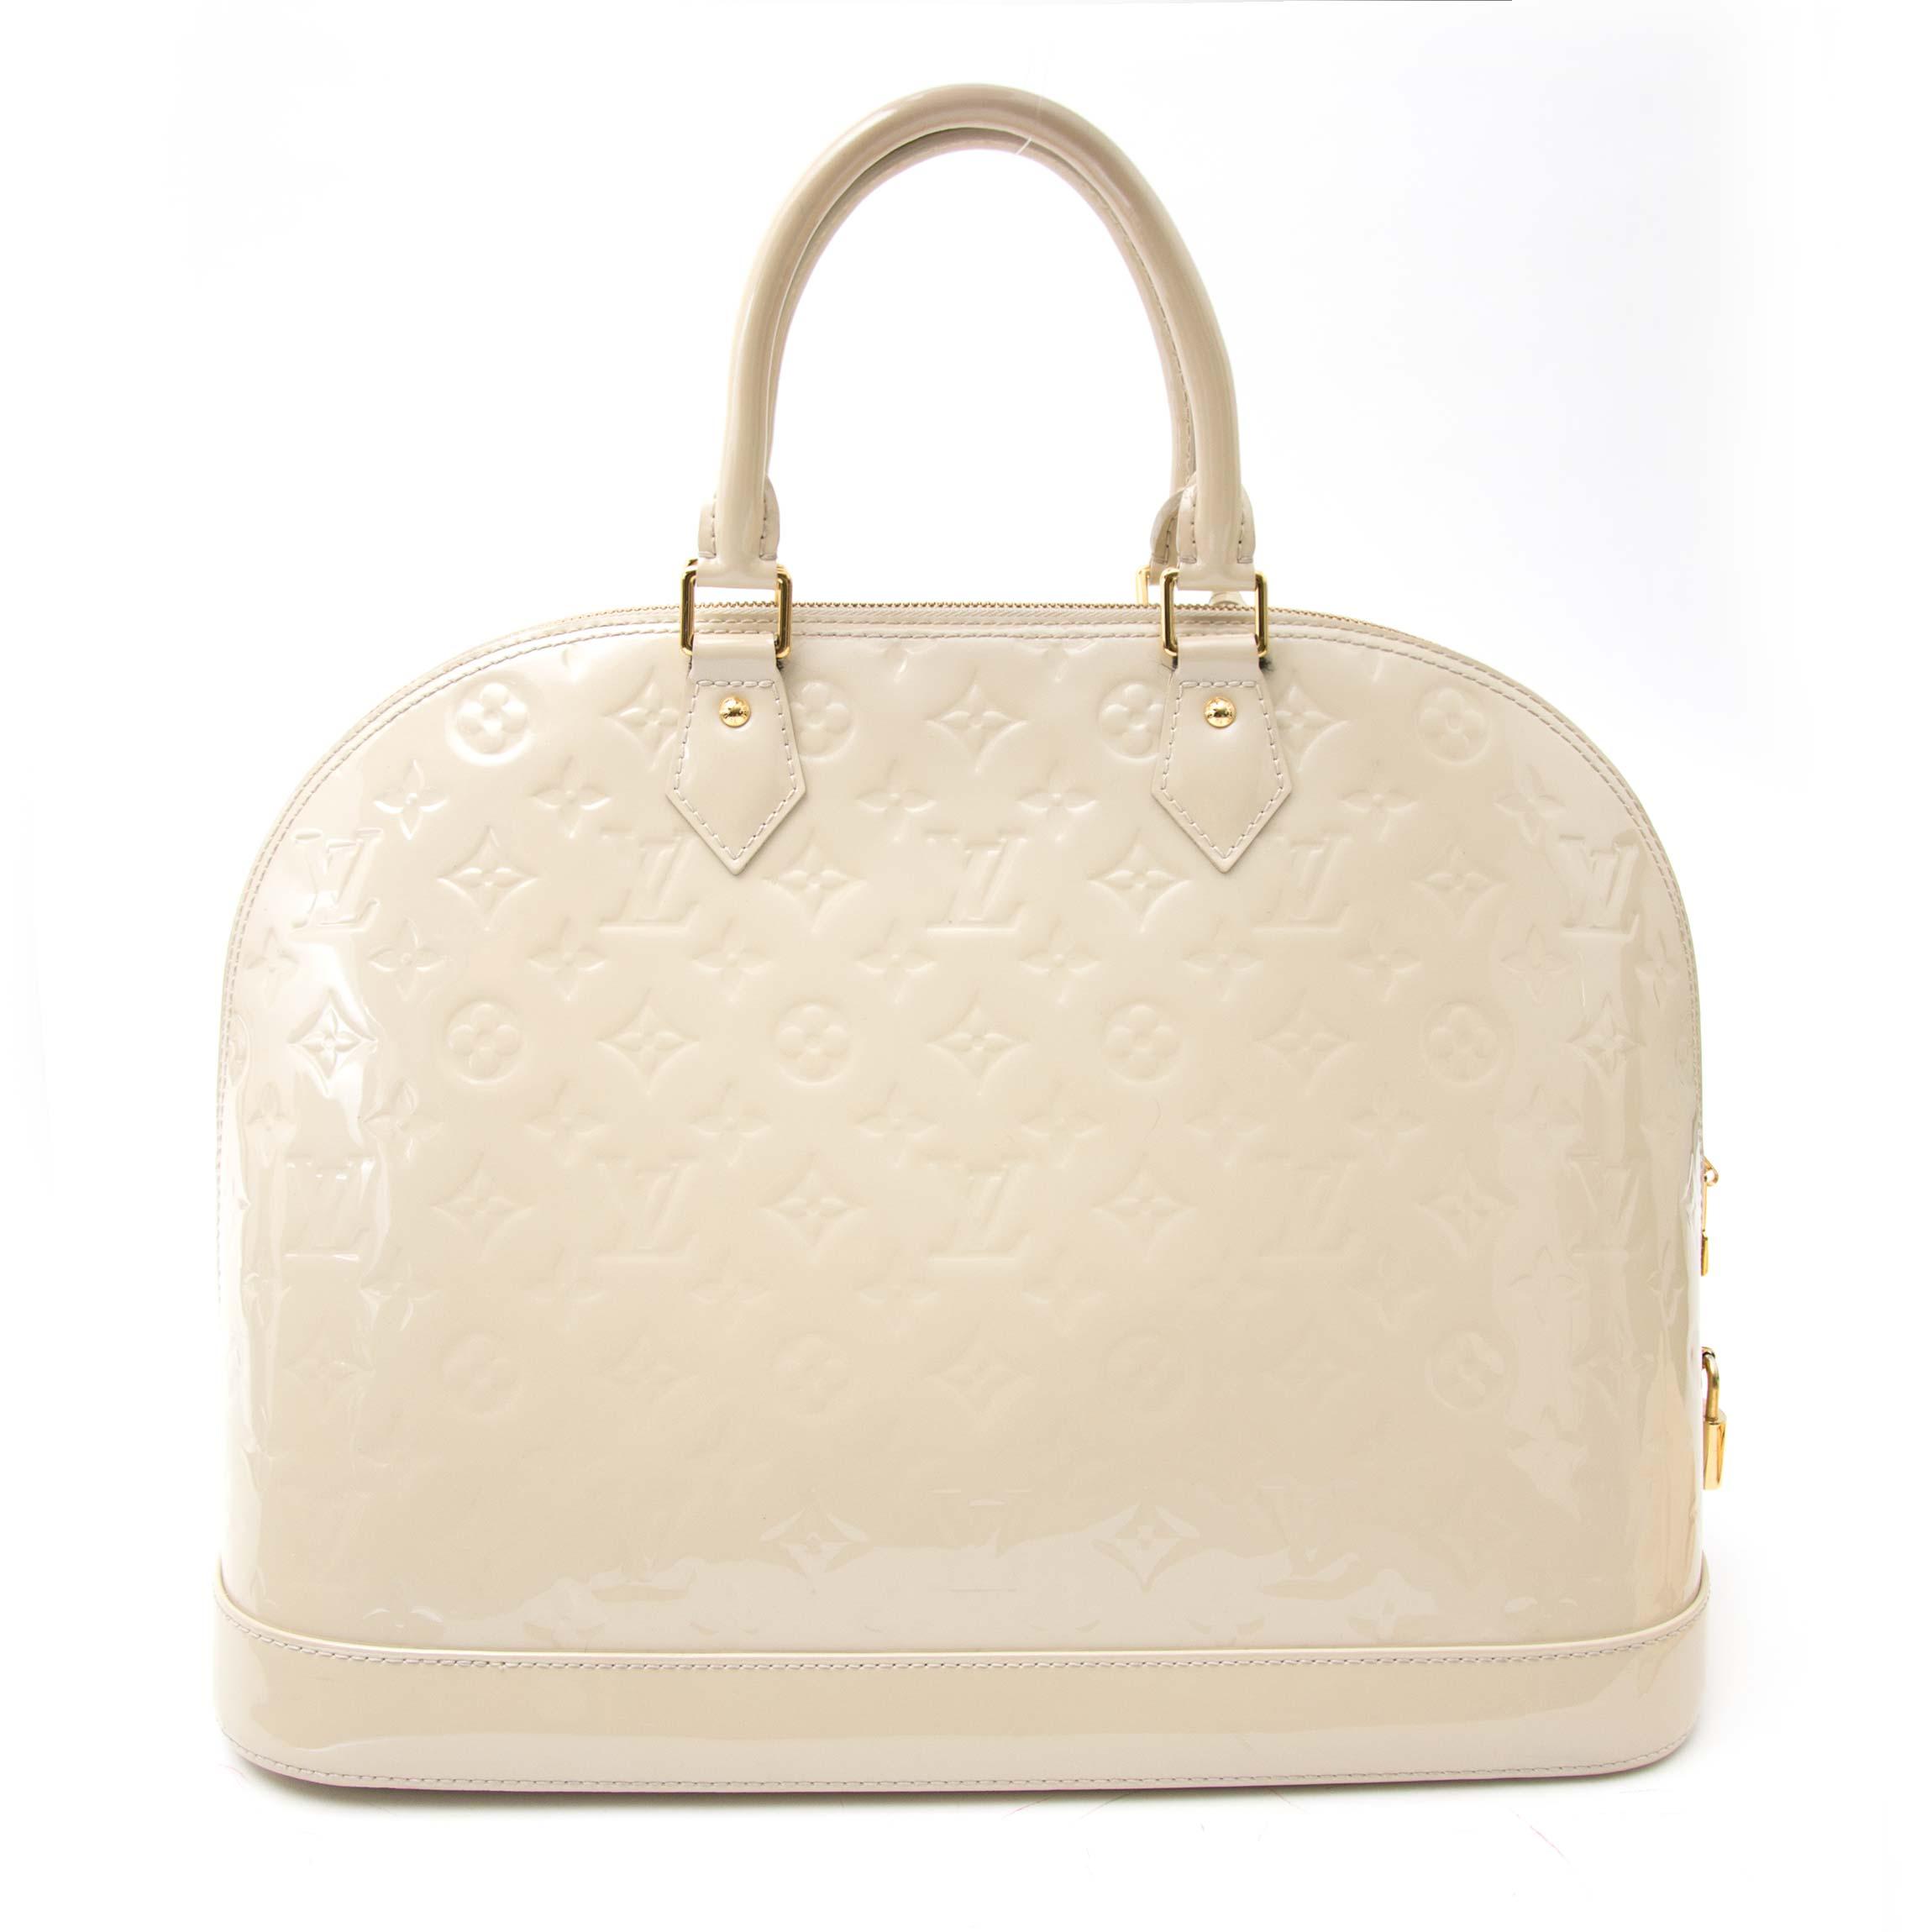 fe6a5ab16152 Labellov Shop safe online  authentic vintage Dior. Vind tweedehands ...